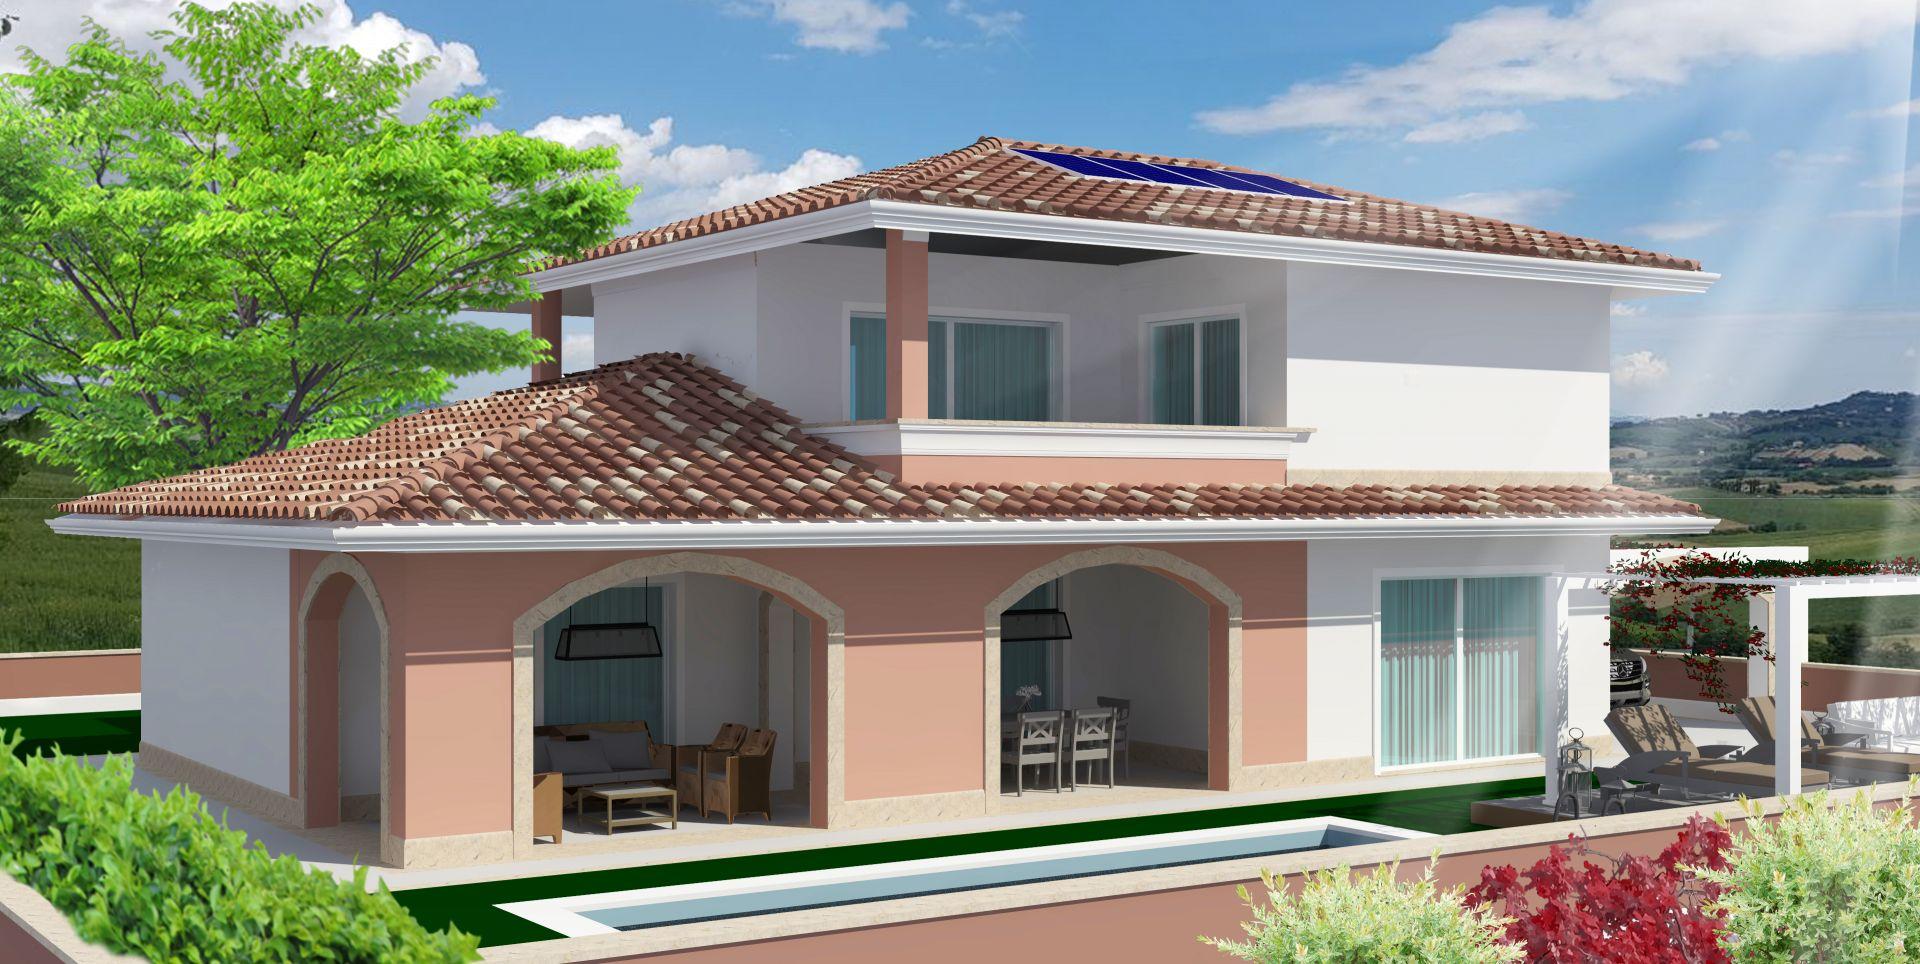 Casa legno 100 mq planimetrie case con le migliori for Migliori case prefabbricate